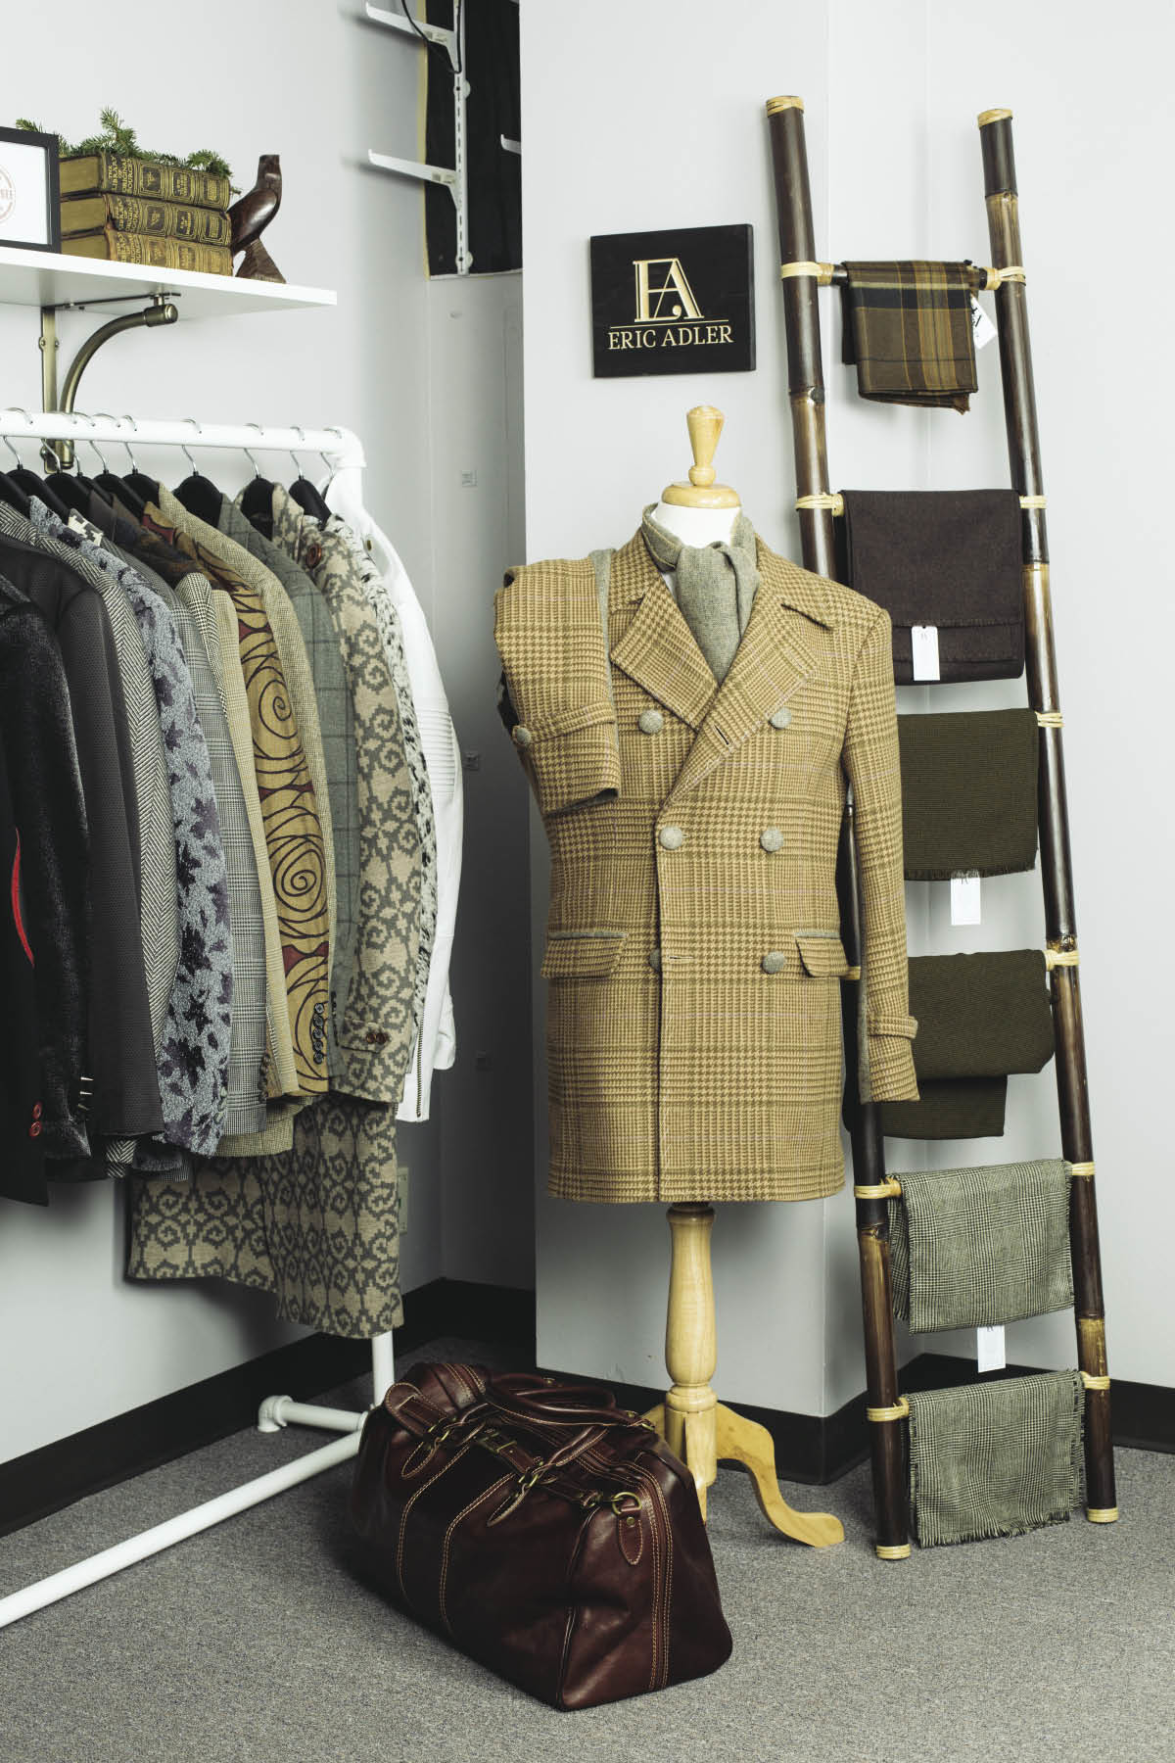 Spring Fashion: Eric Adler